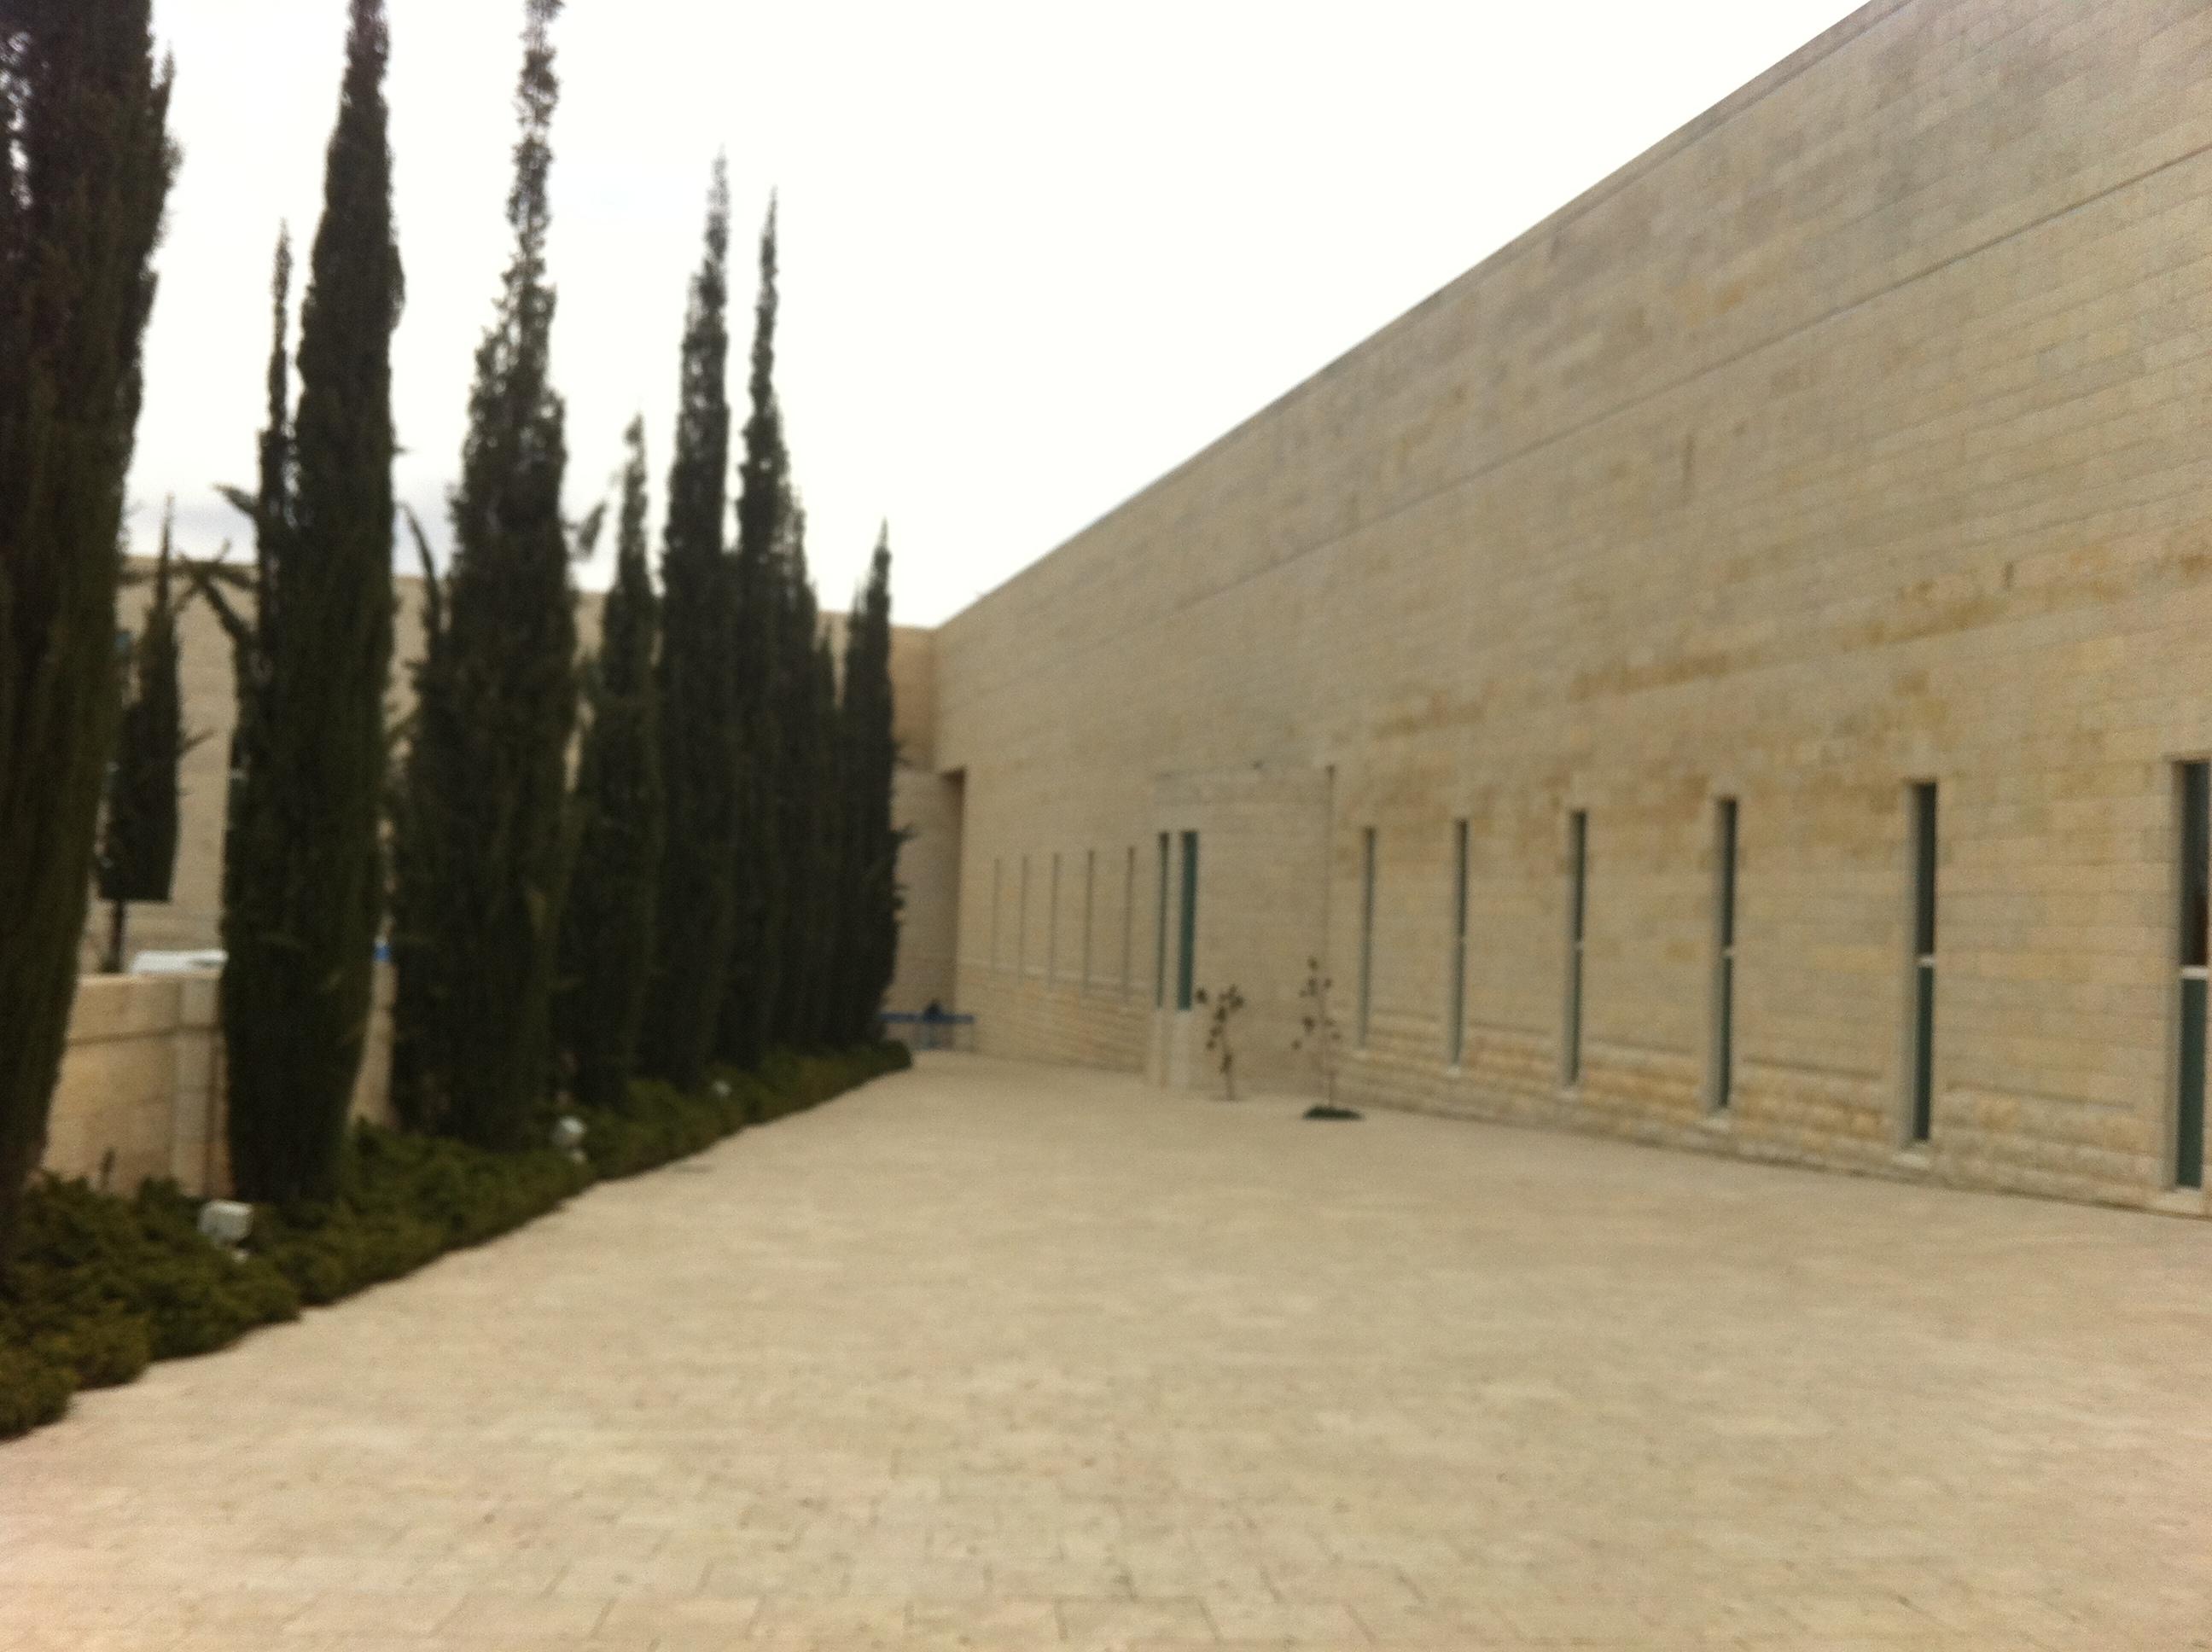 בדרך אל רחבת הכניסה, בית המשפט העליון בירושלים. צילום: כרמל חנני